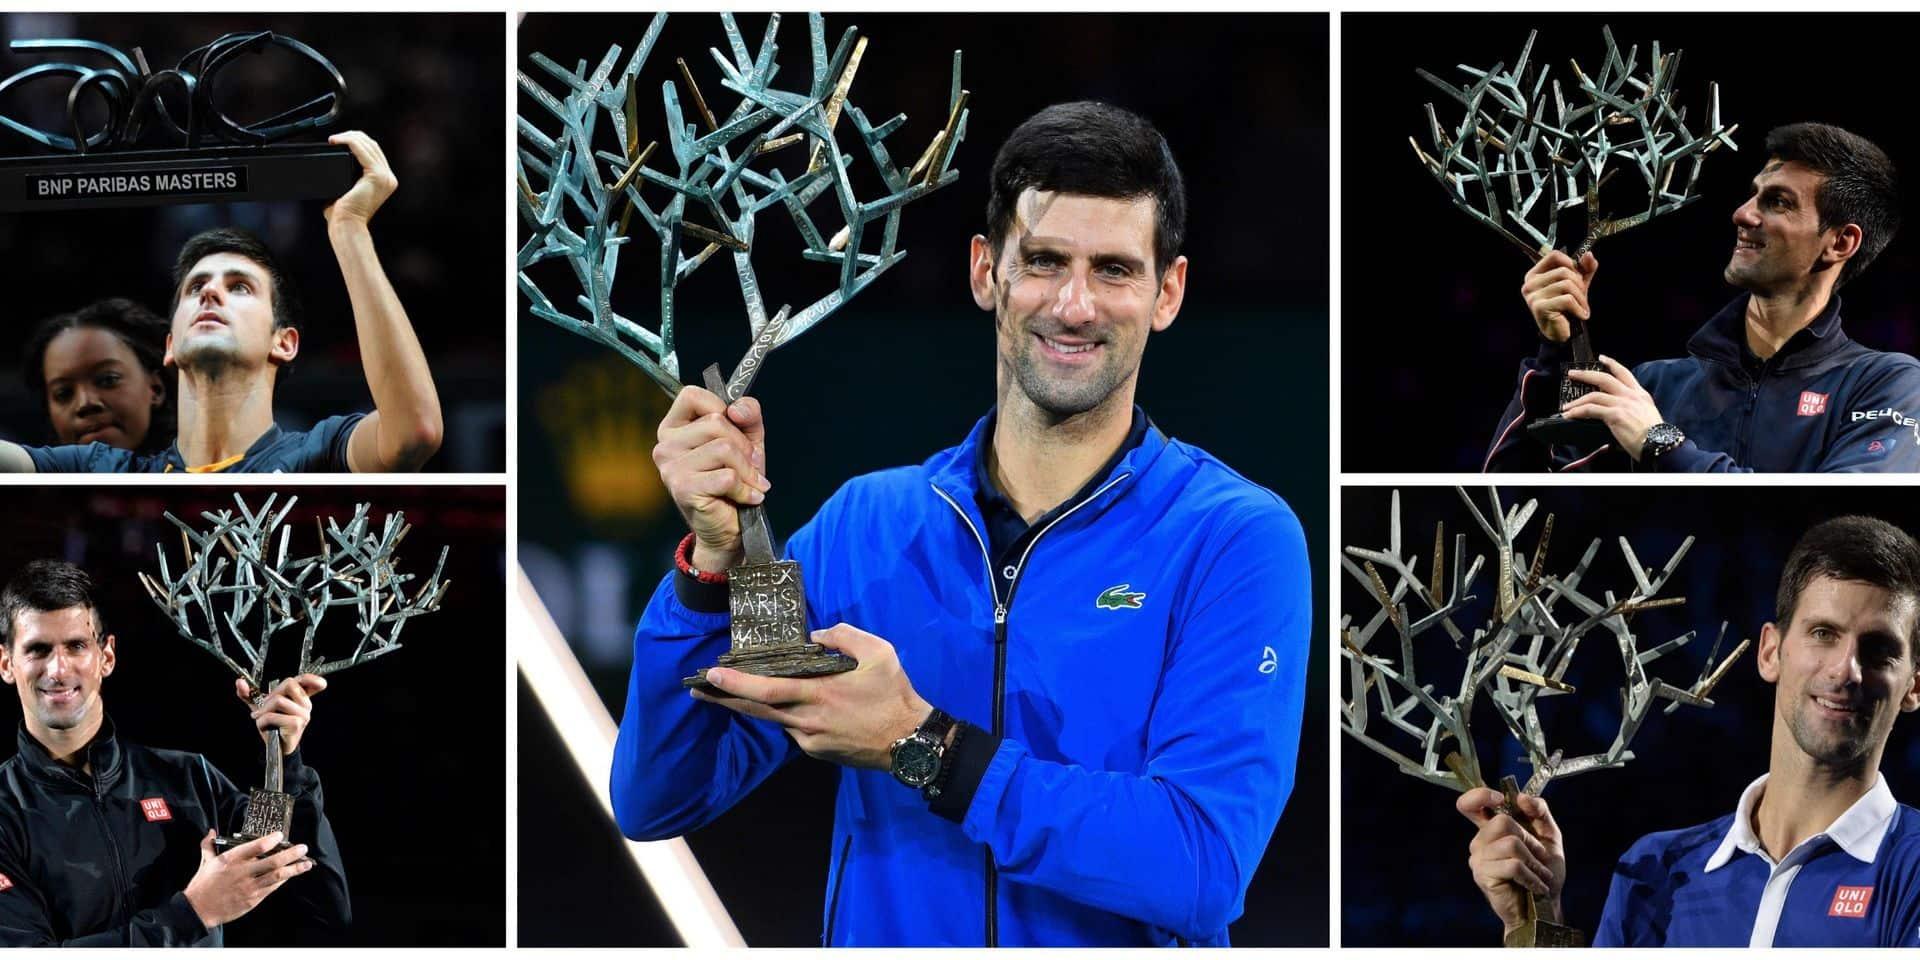 Novak Djokovic remporte le Masters 1000 de Paris pour la 5e fois